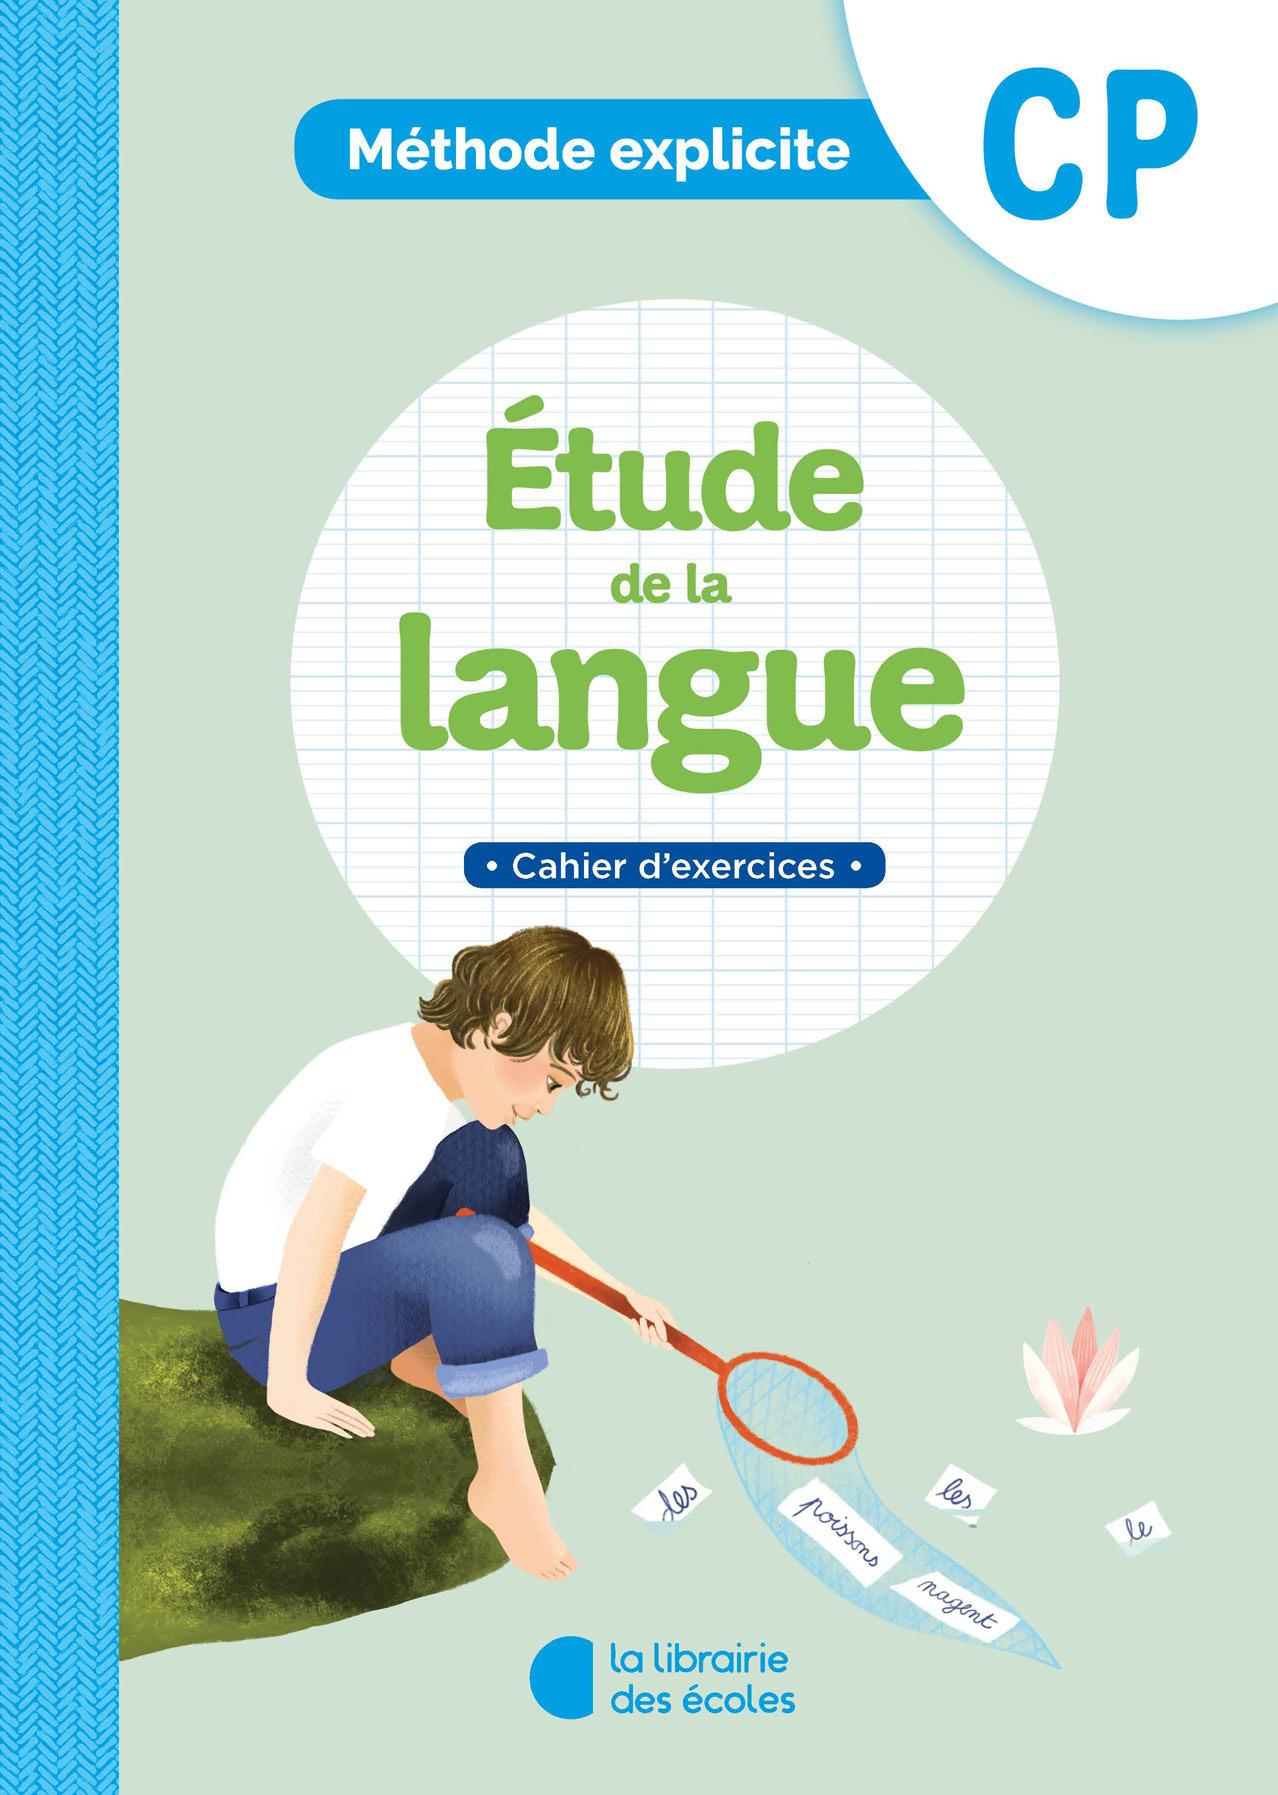 Méthode explicite   Etude de la langue   Cahier d'exercices   CP